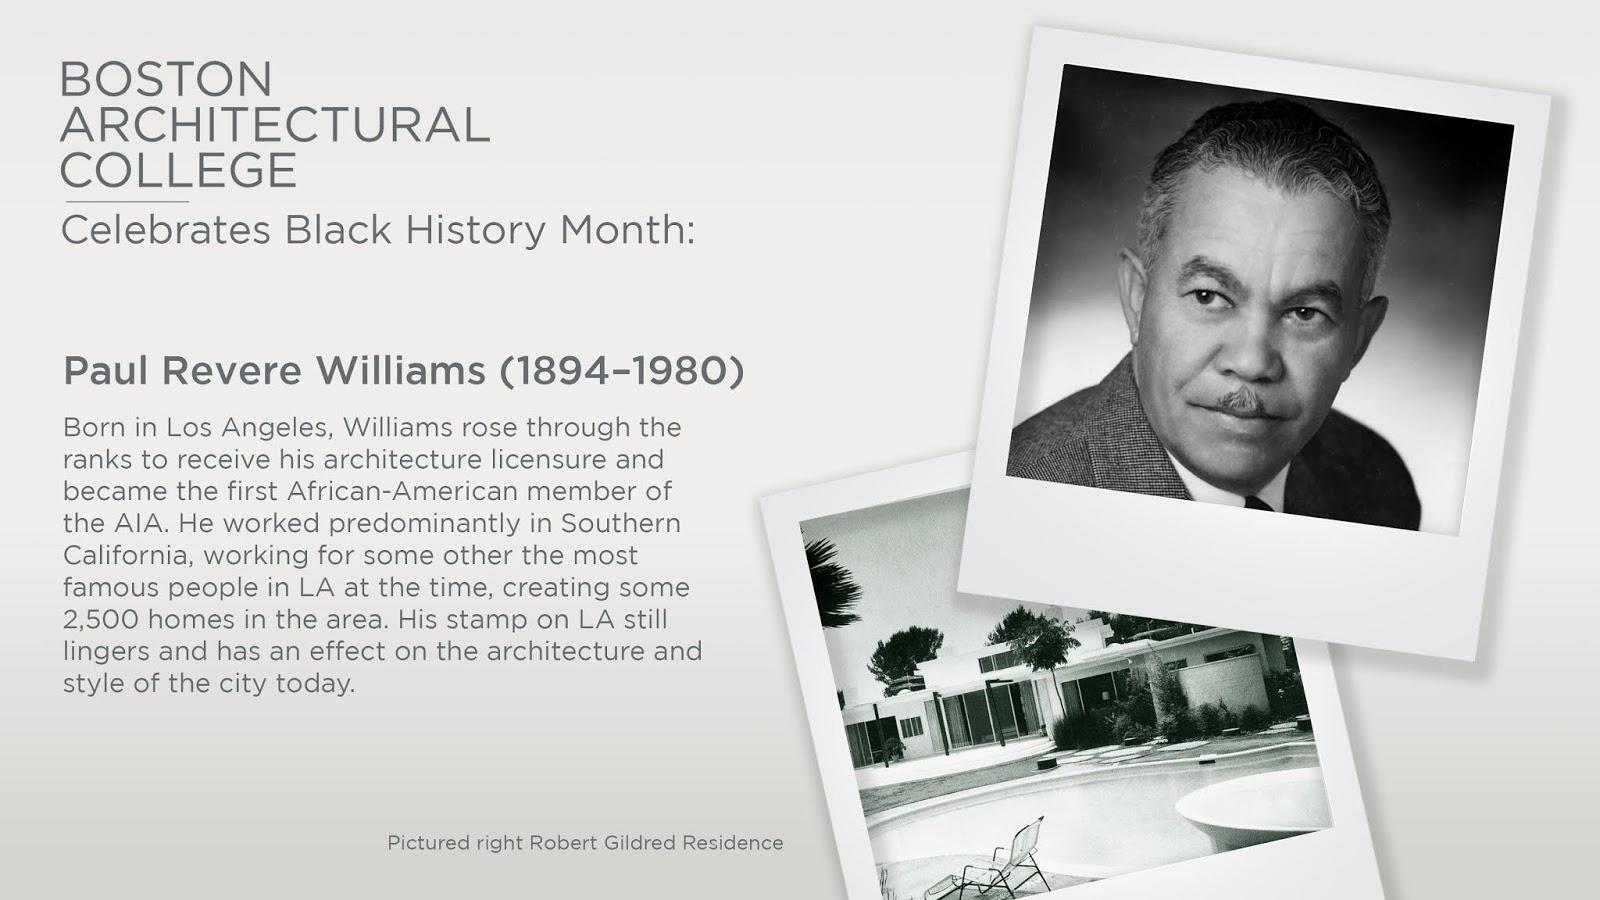 Paul Revere Williams